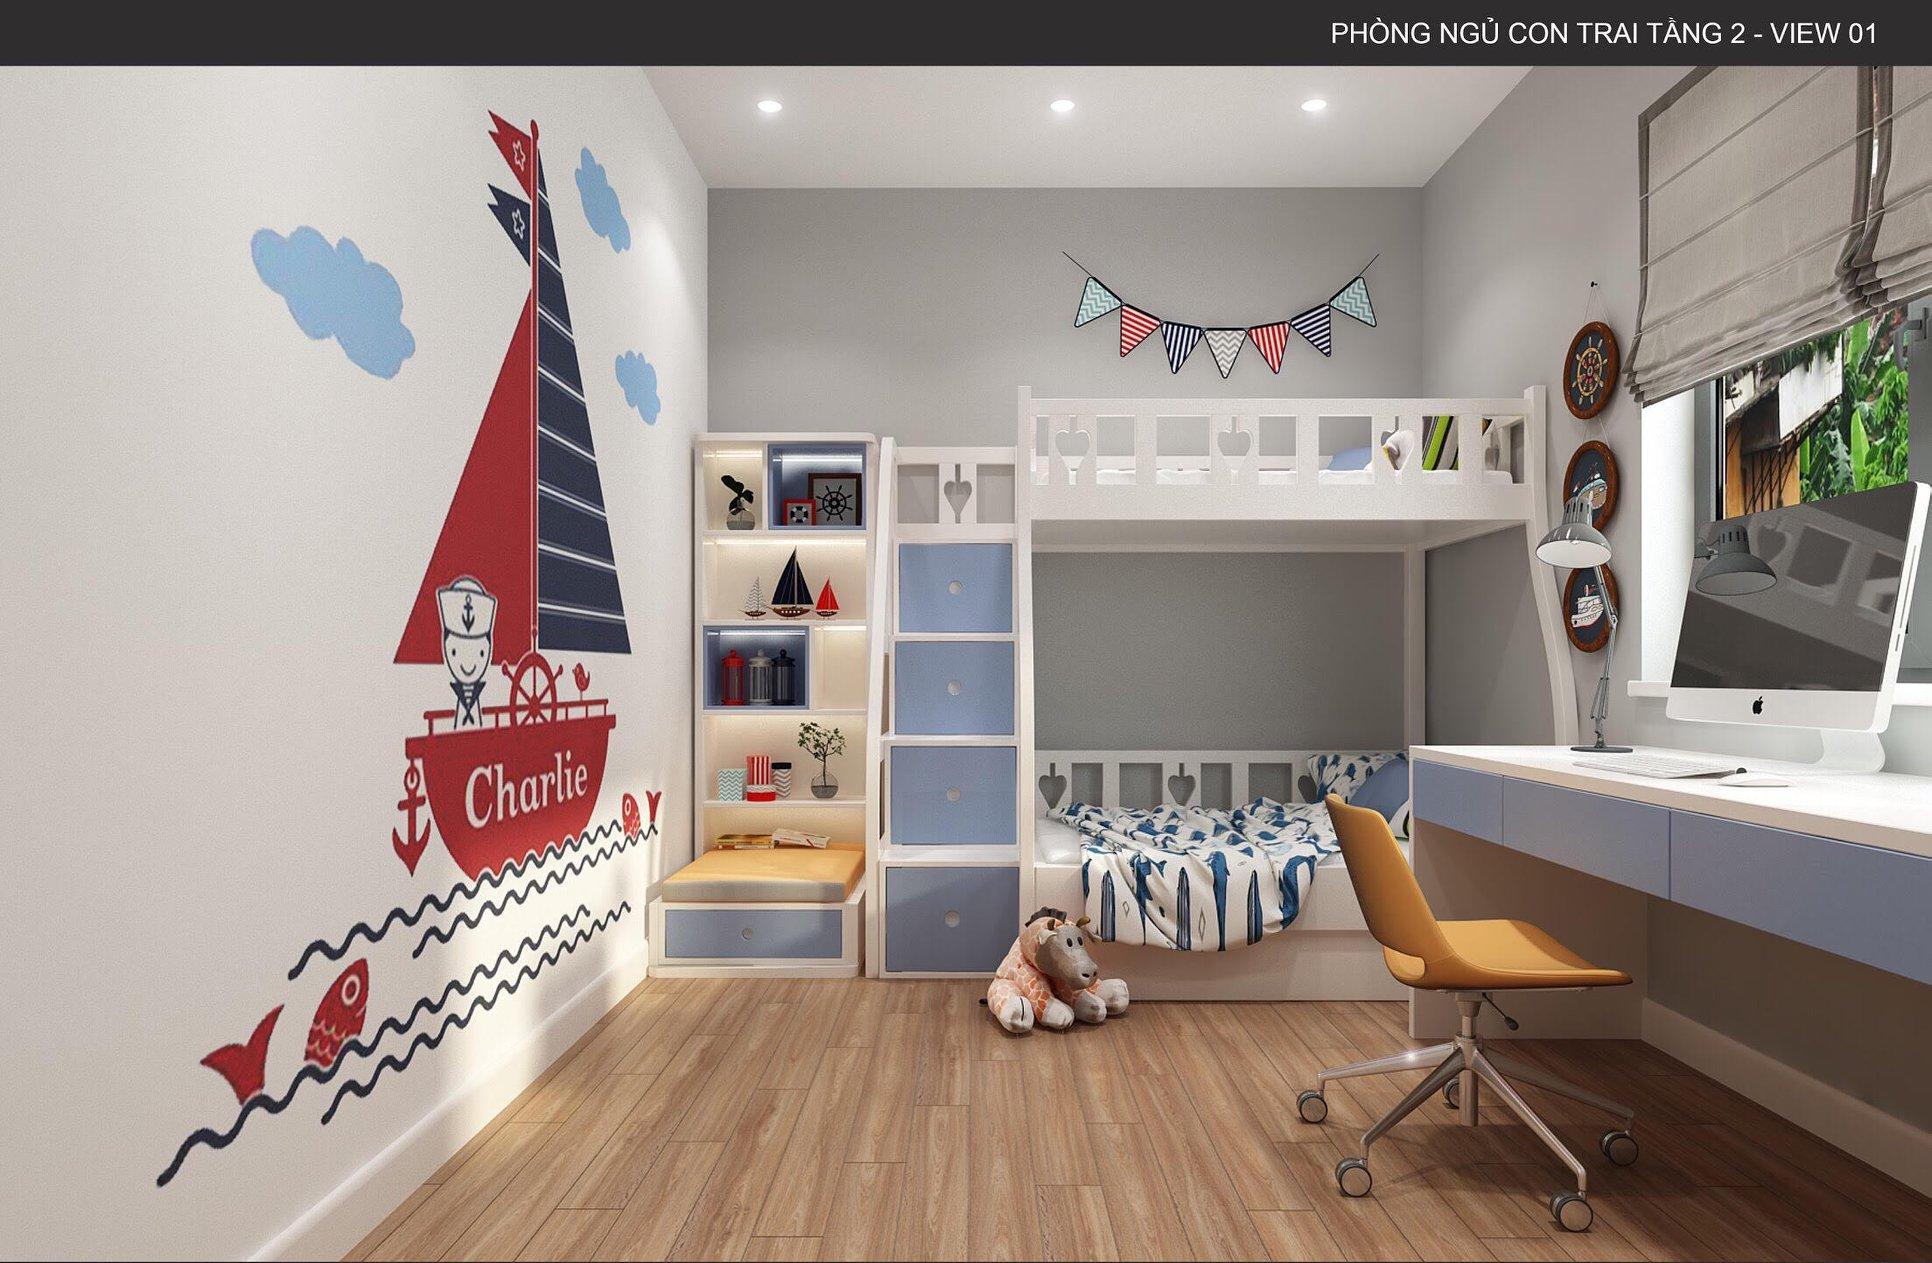 Những điều cần lưu ý khi thiết kế nội thất phòng ngủ cho bé